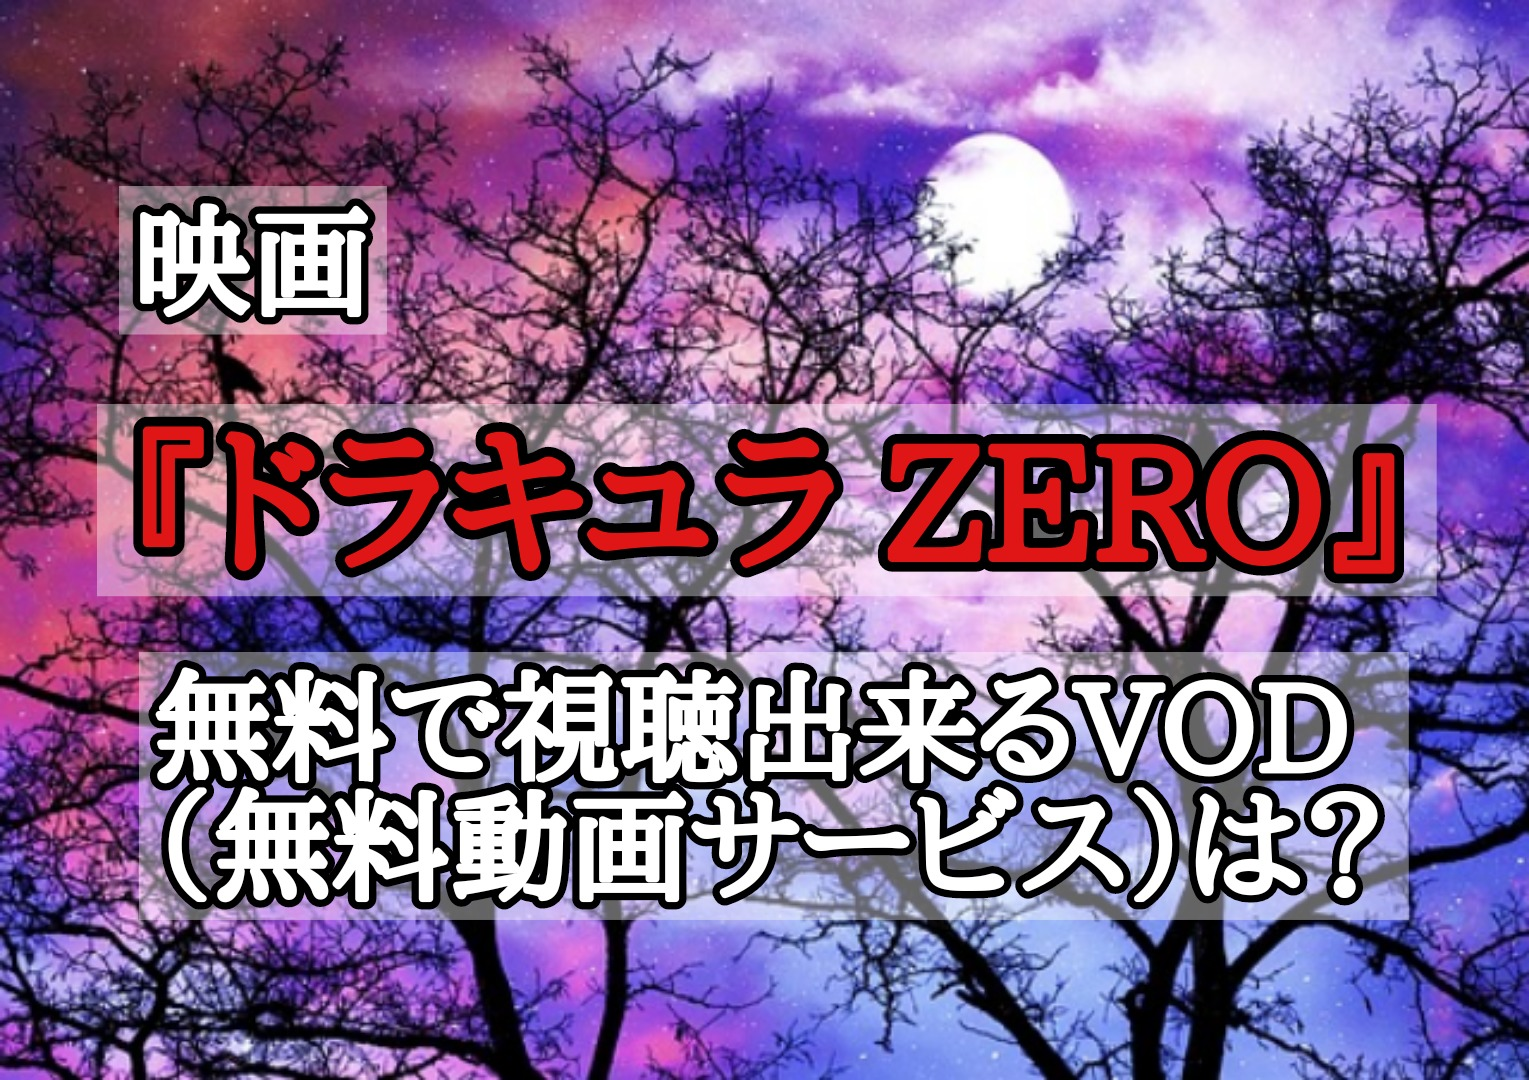 映画『ドラキュラZERO』を無料で視聴できるVOD(動画配信サービス)は?